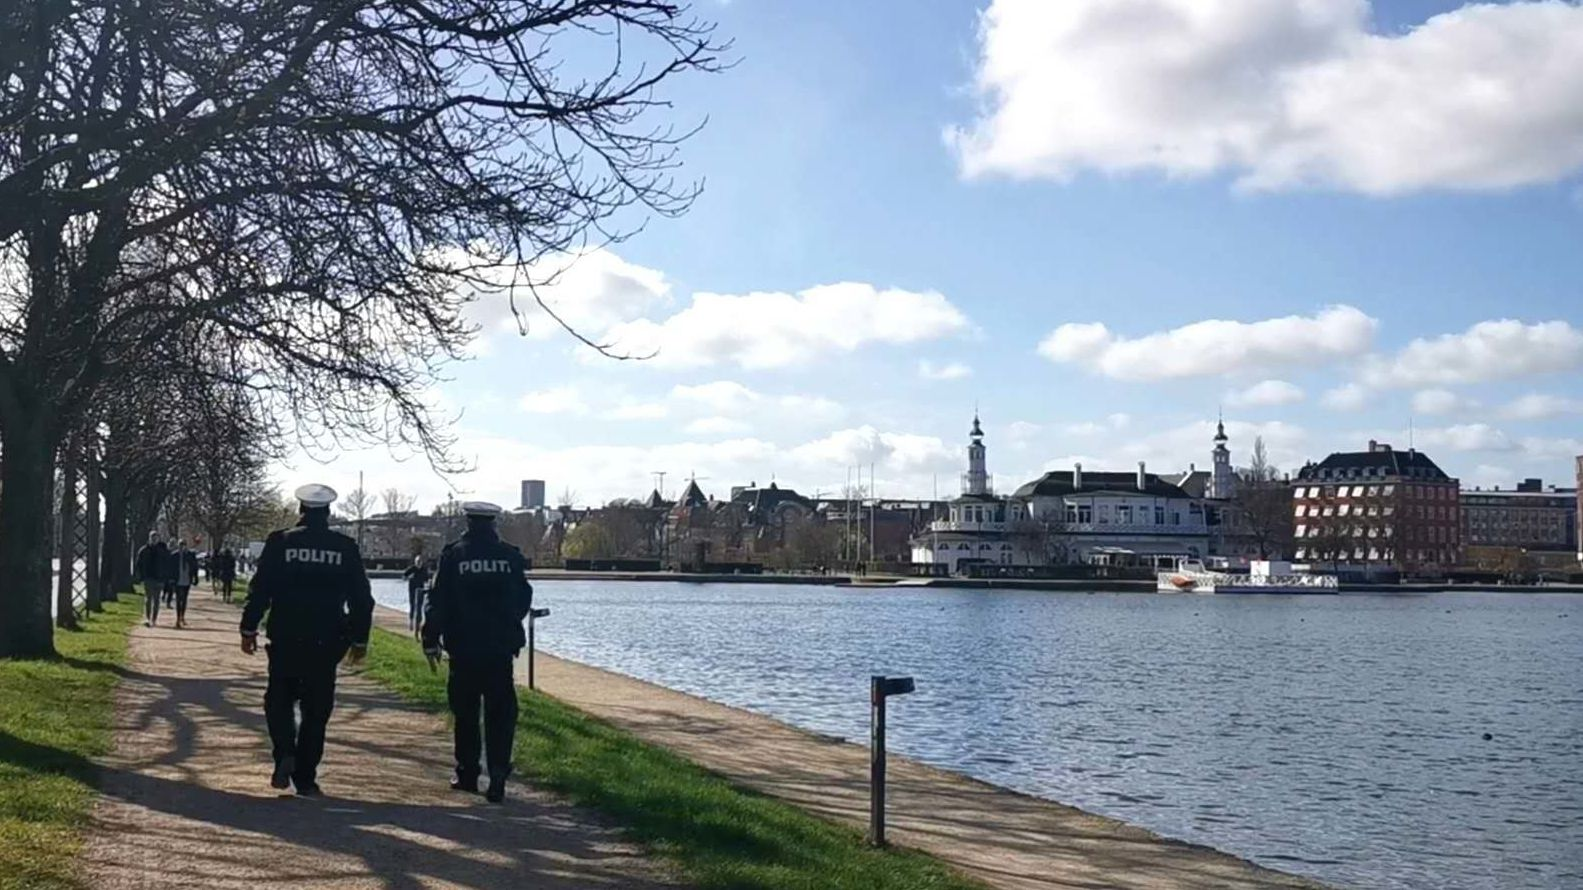 Polizeibeamte patrouillieren an einem See in Kopenhagen.